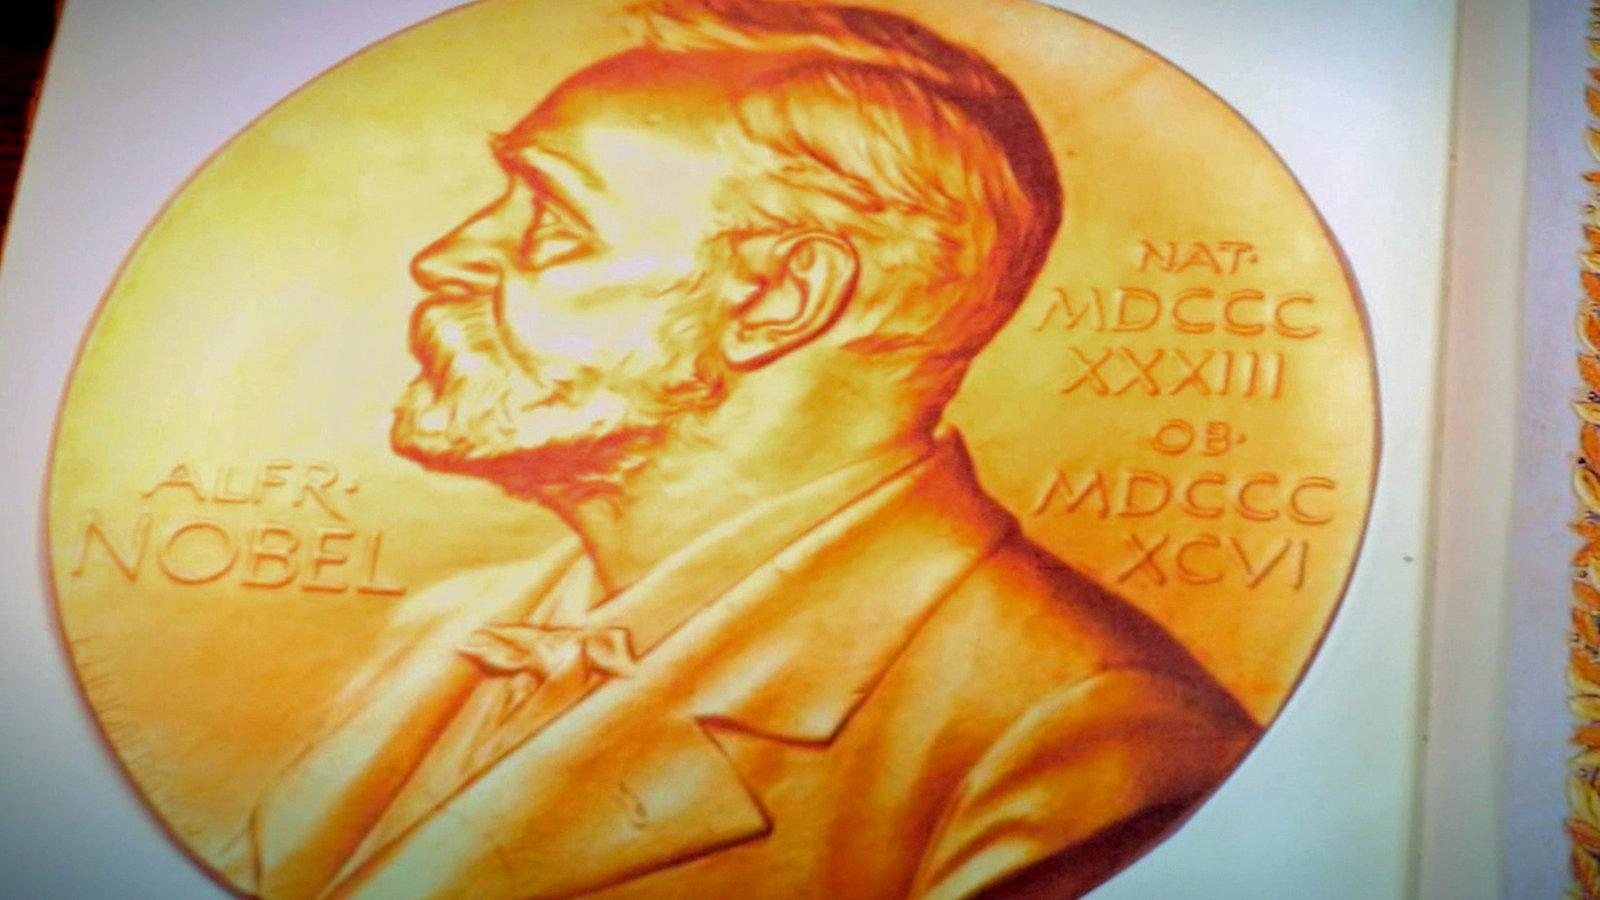 Nobellpreis